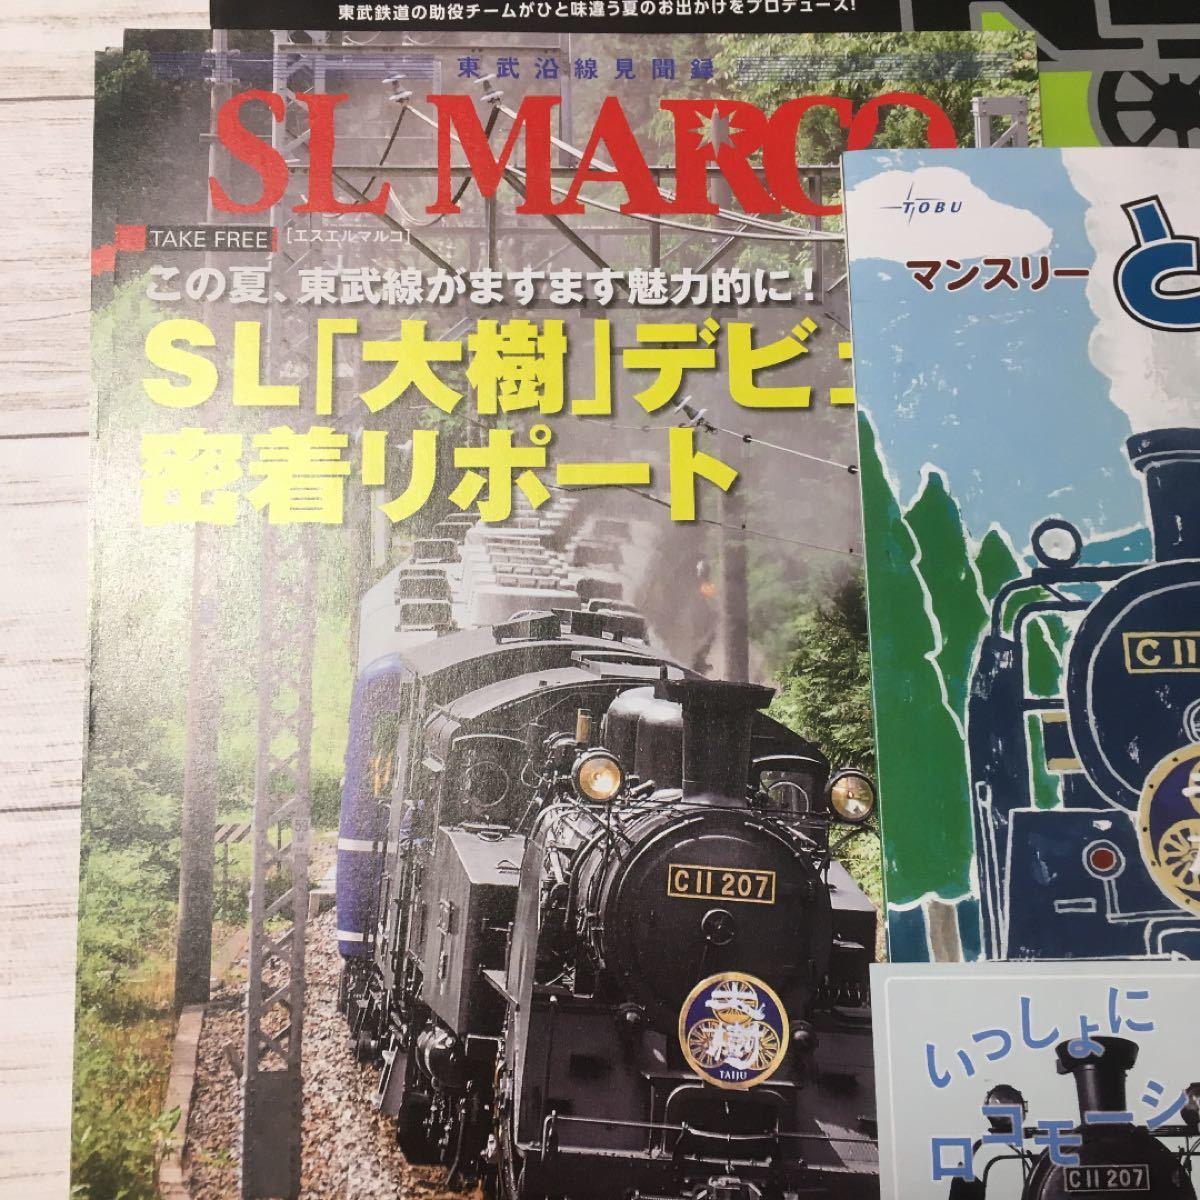 SL 大樹 記念ステッカー 冊子